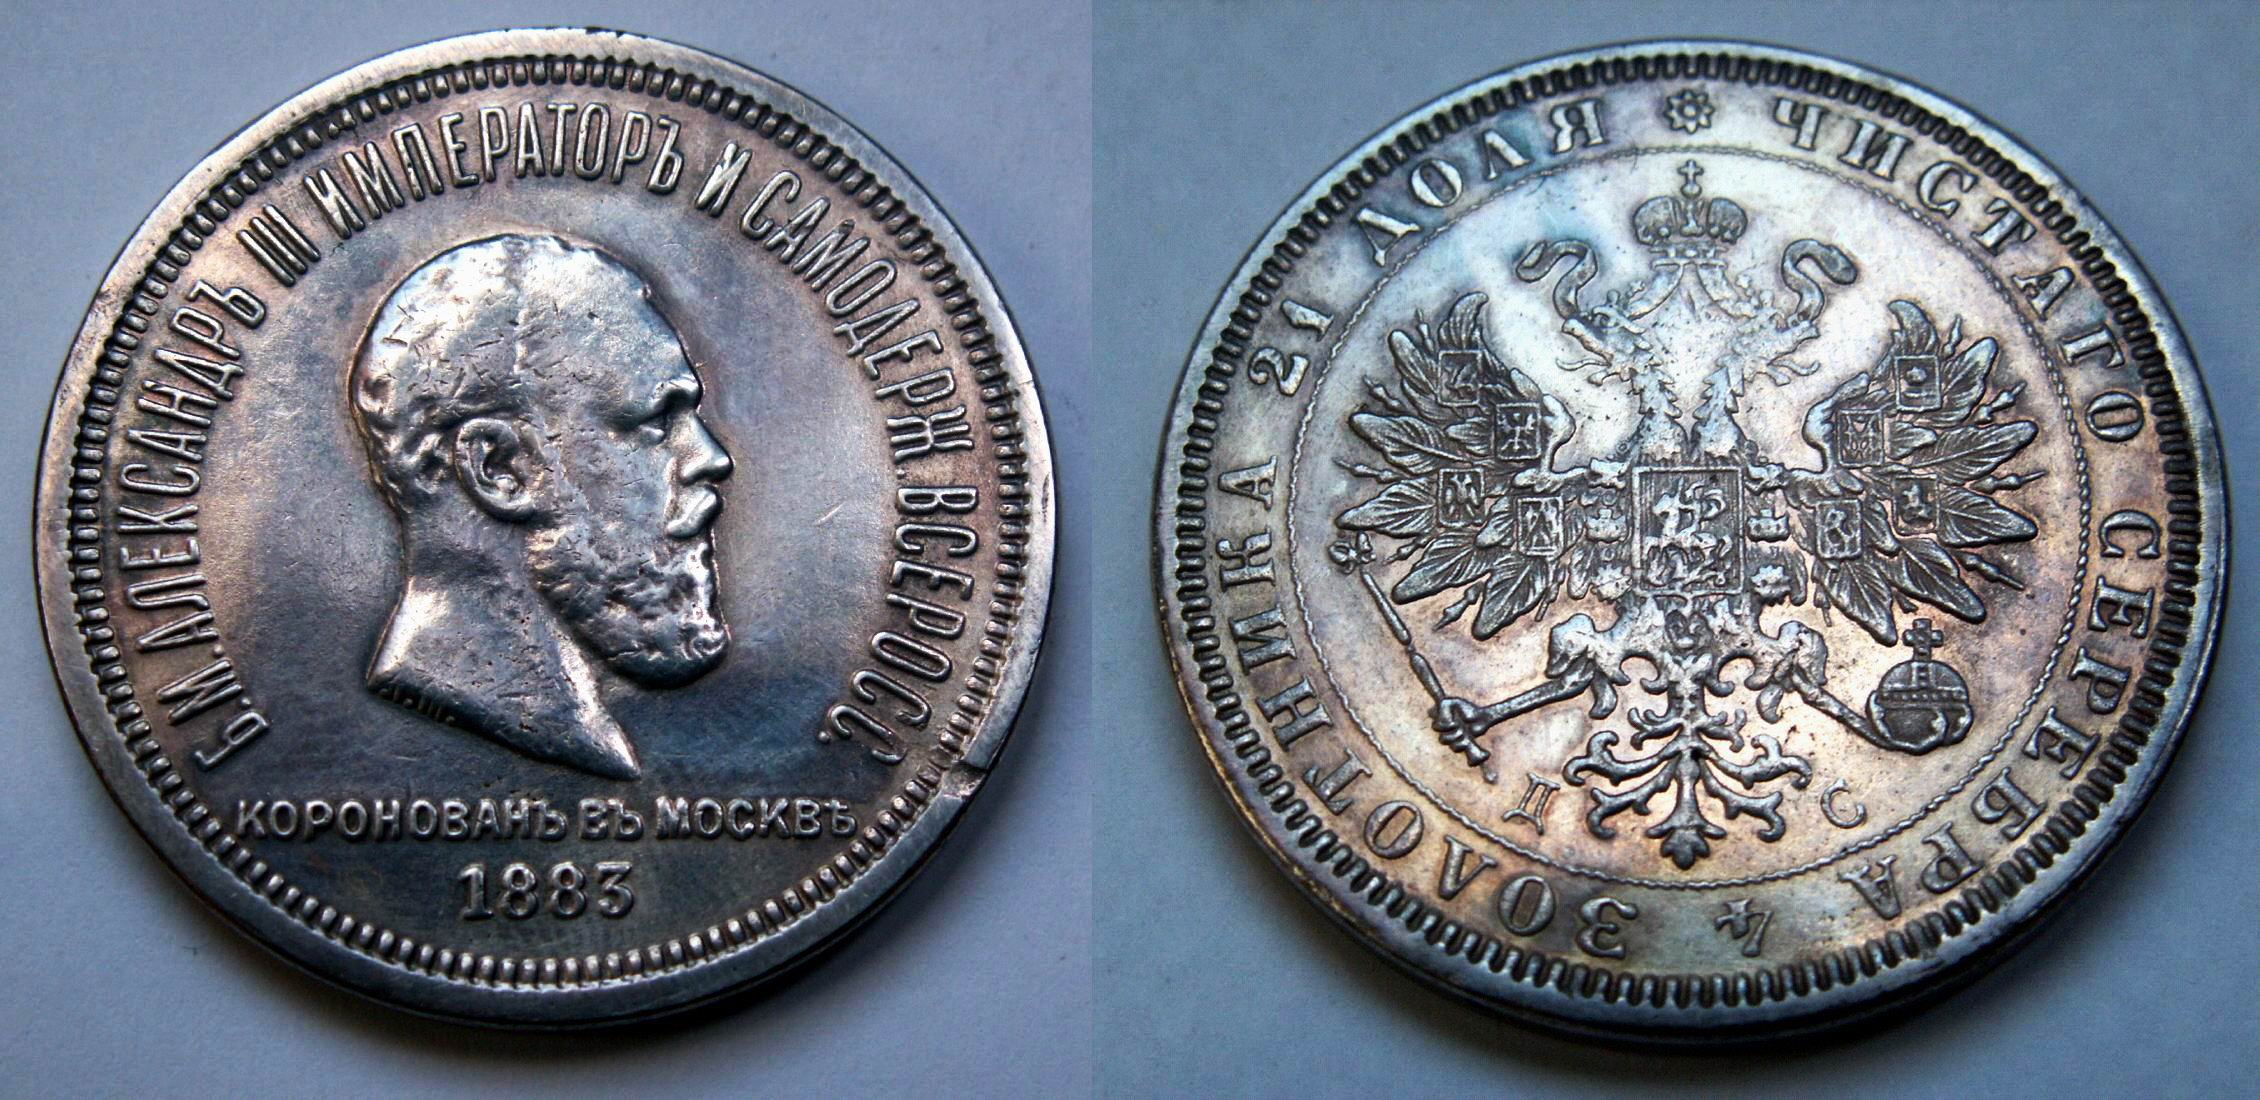 Золотника 21 доля чистого серебра 1883 цена numis